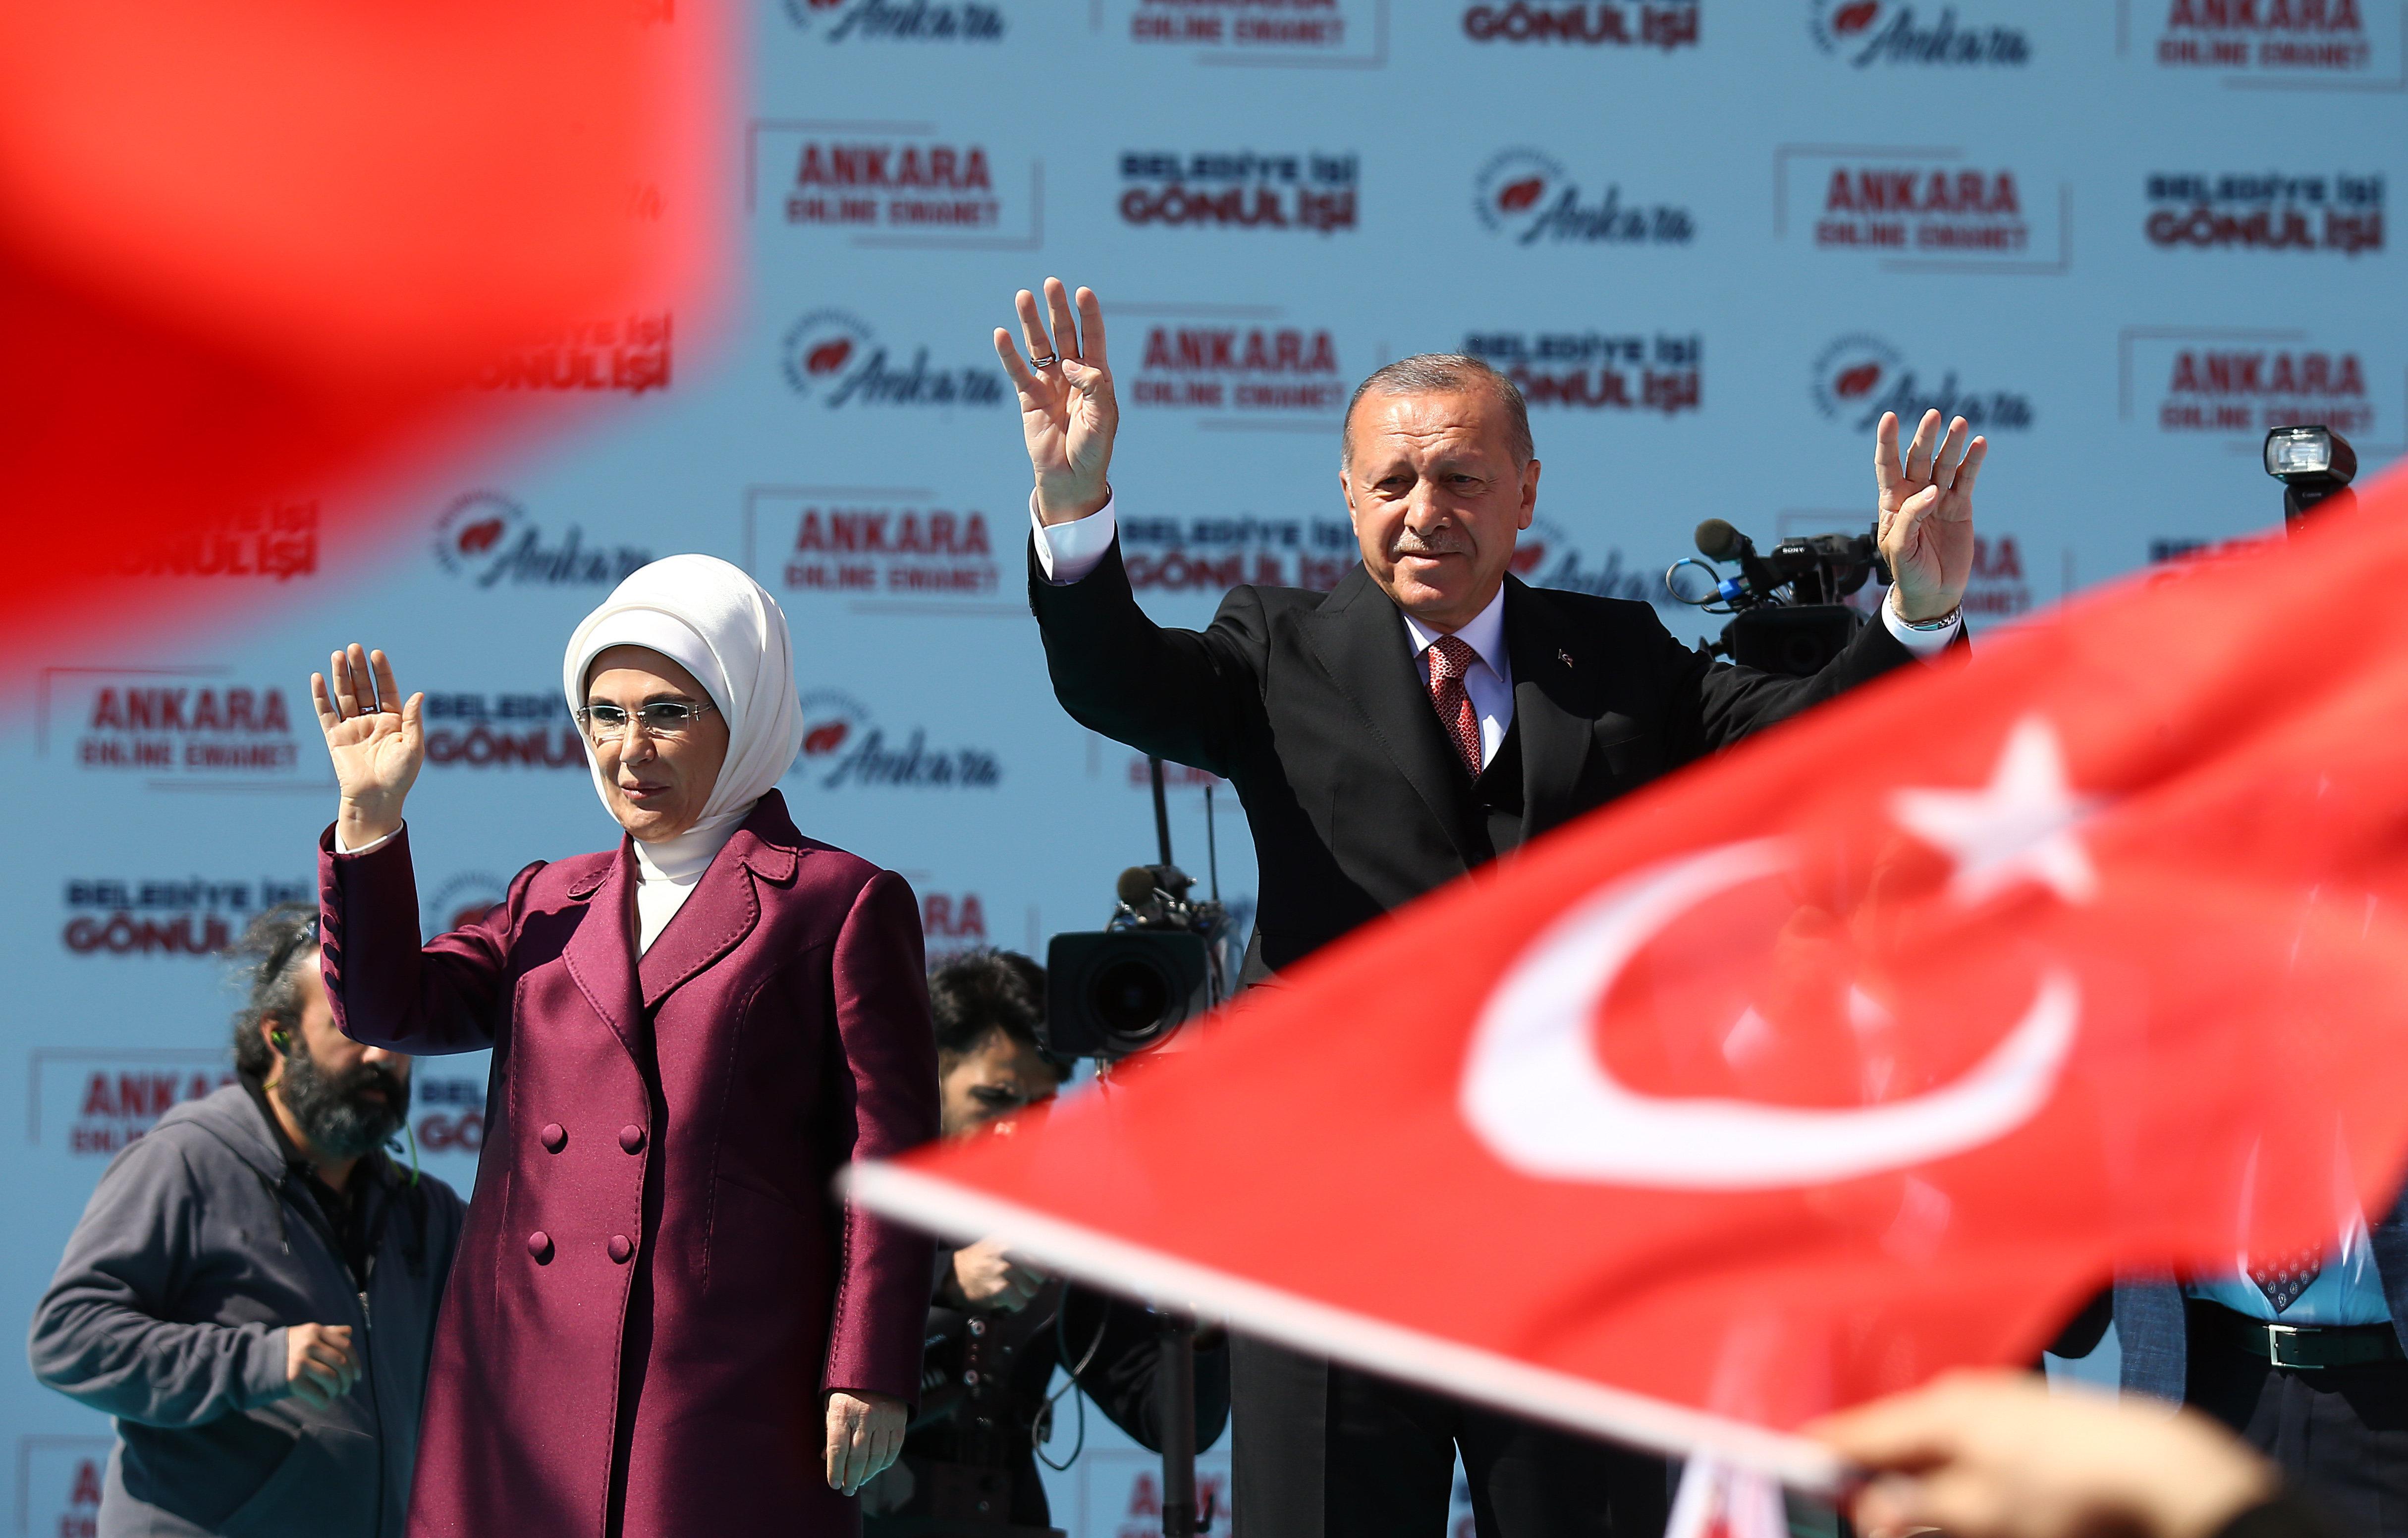 Cumhurbaşkanı Recep Tayyip Erdoğan ile eşi Emine Erdoğan